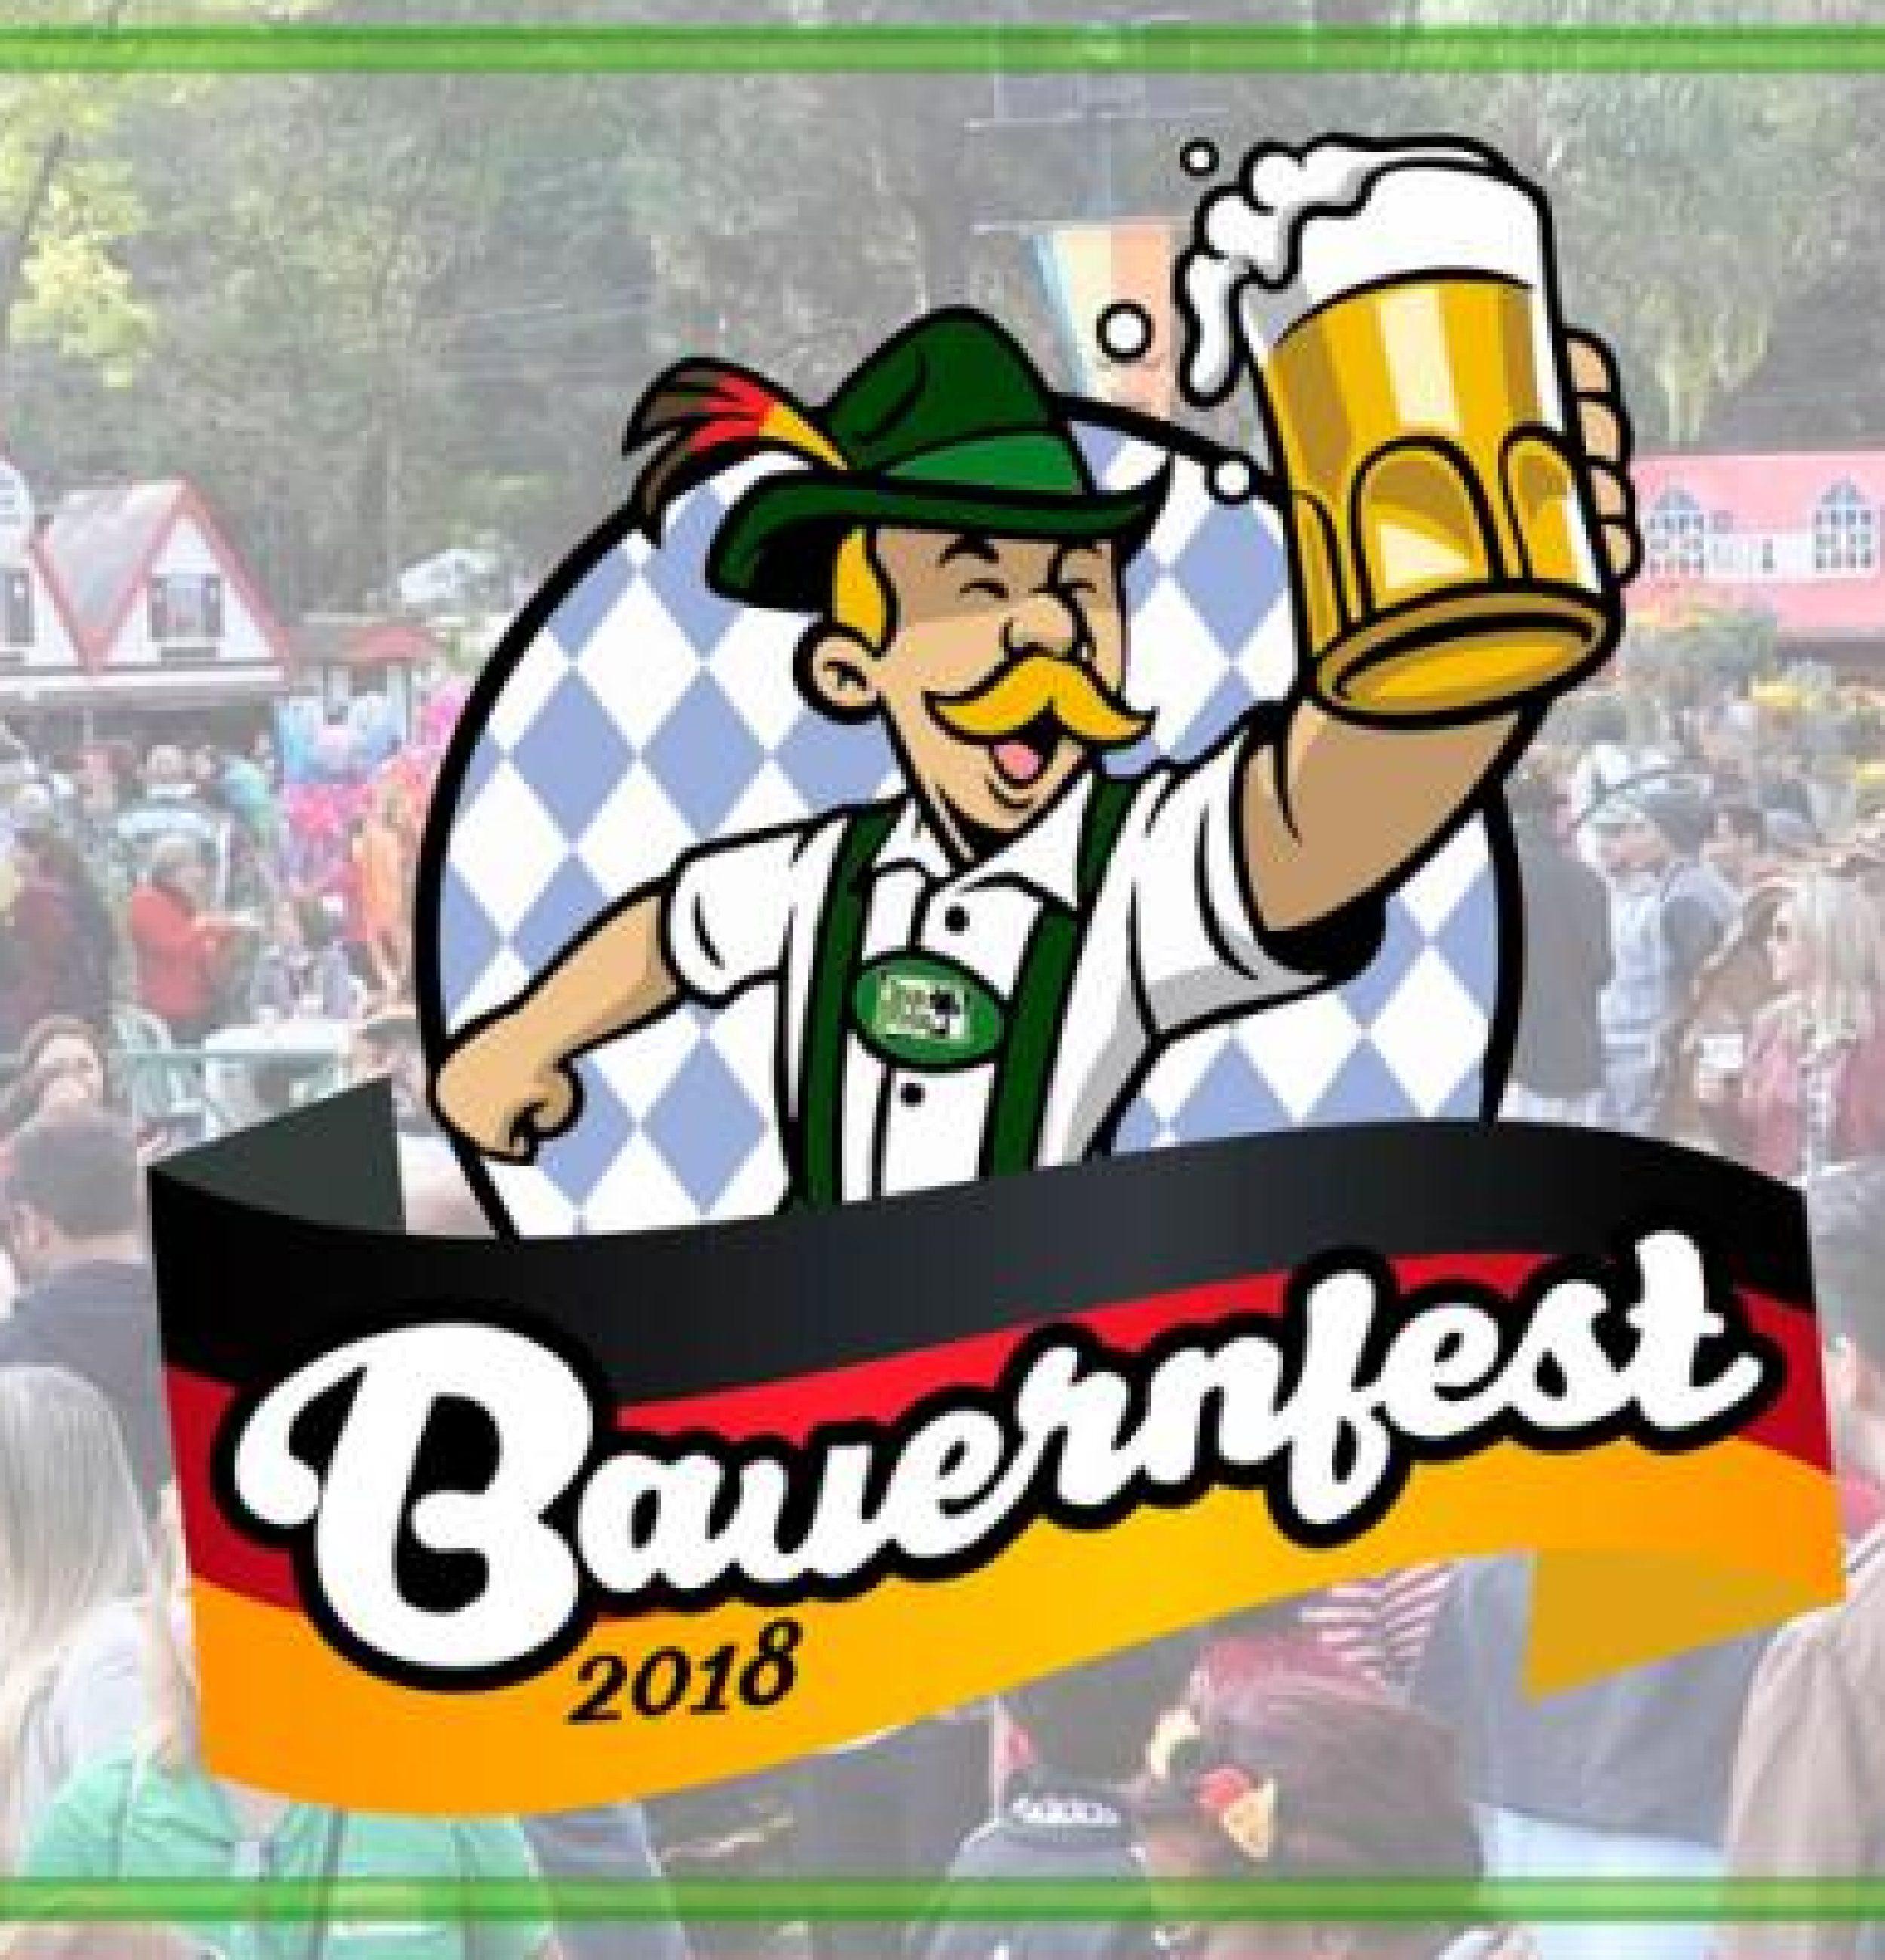 Bauernfest 2018, um fim de semana incrível em Petrópolis